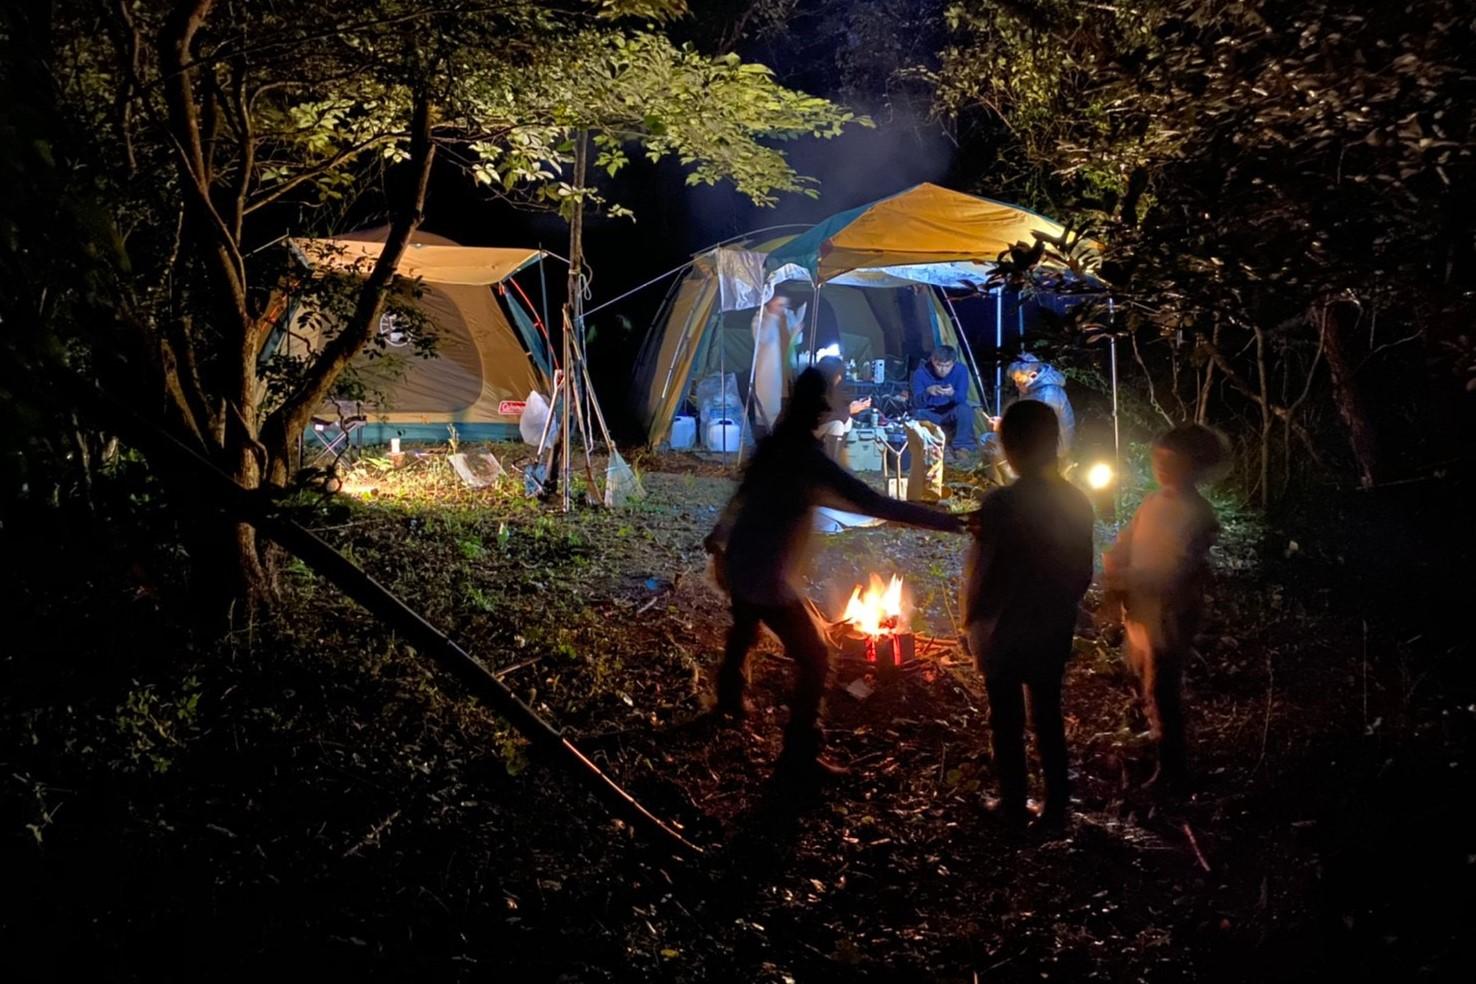 [キャンプ・静岡]南伊豆3days 野営キャンプツアー ハイキング&シュノーケリング 2021年8月7日(土)-9日(月)